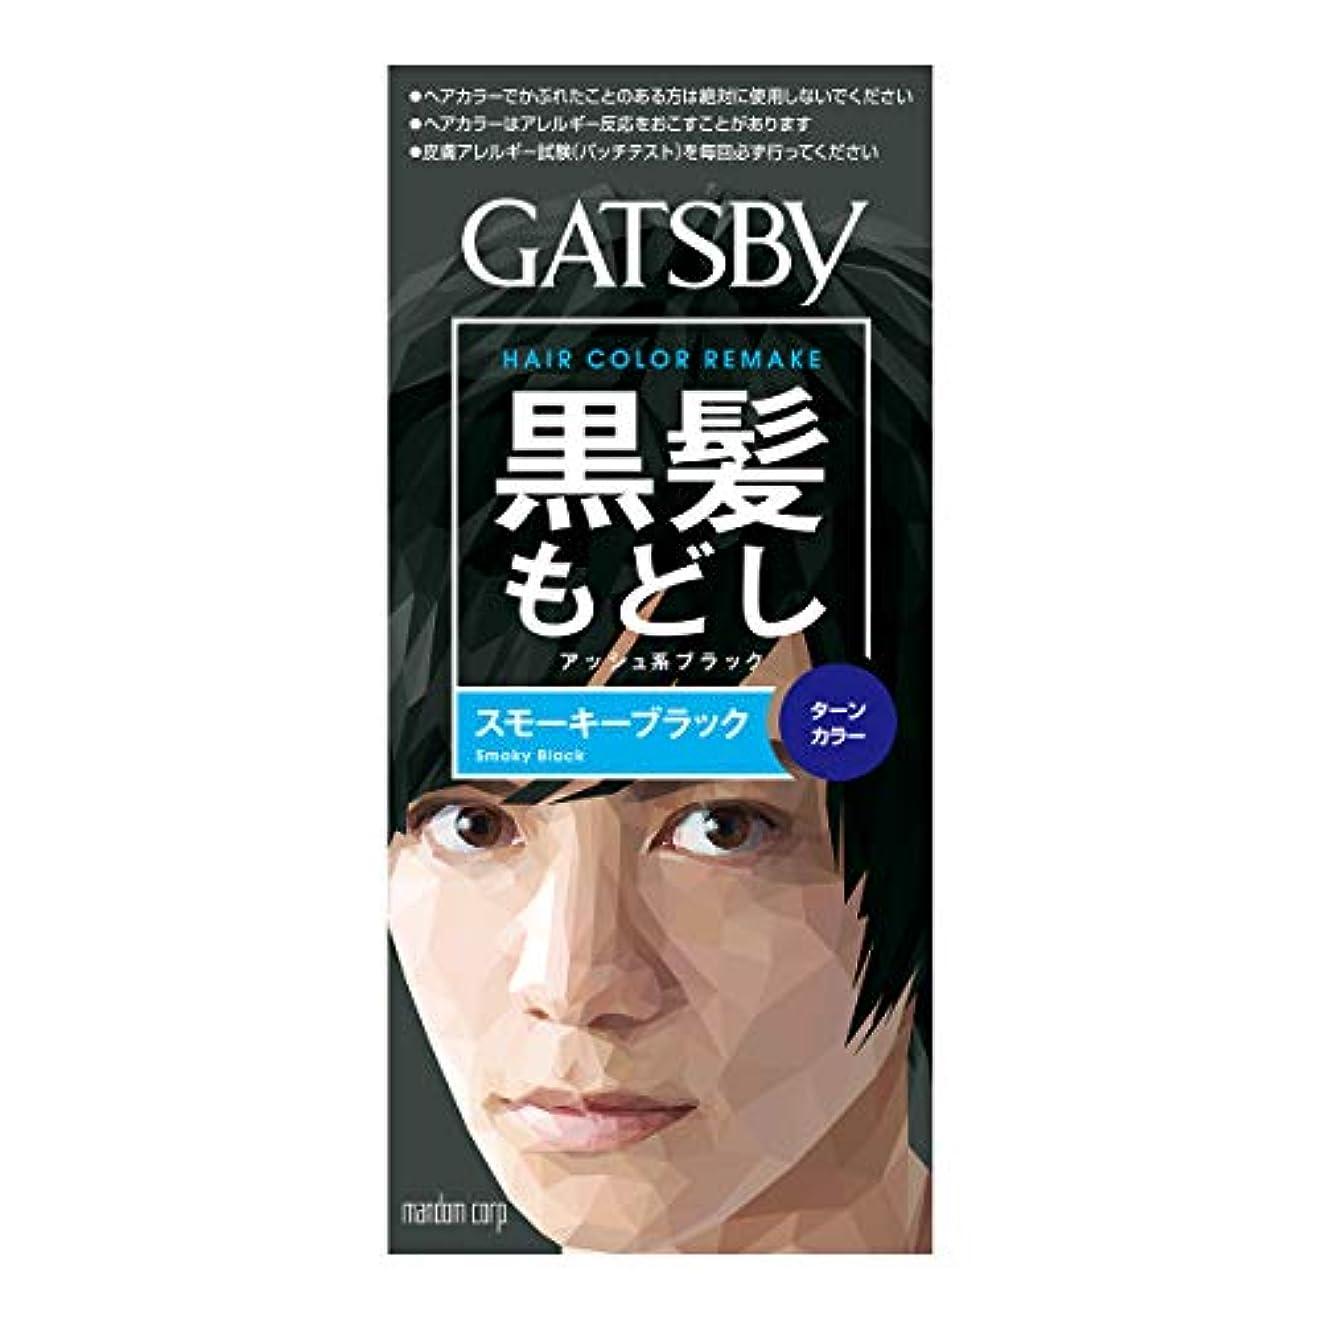 注文浴室シャットギャツビー ターンカラー スモーキーブラック【HTRC5.1】